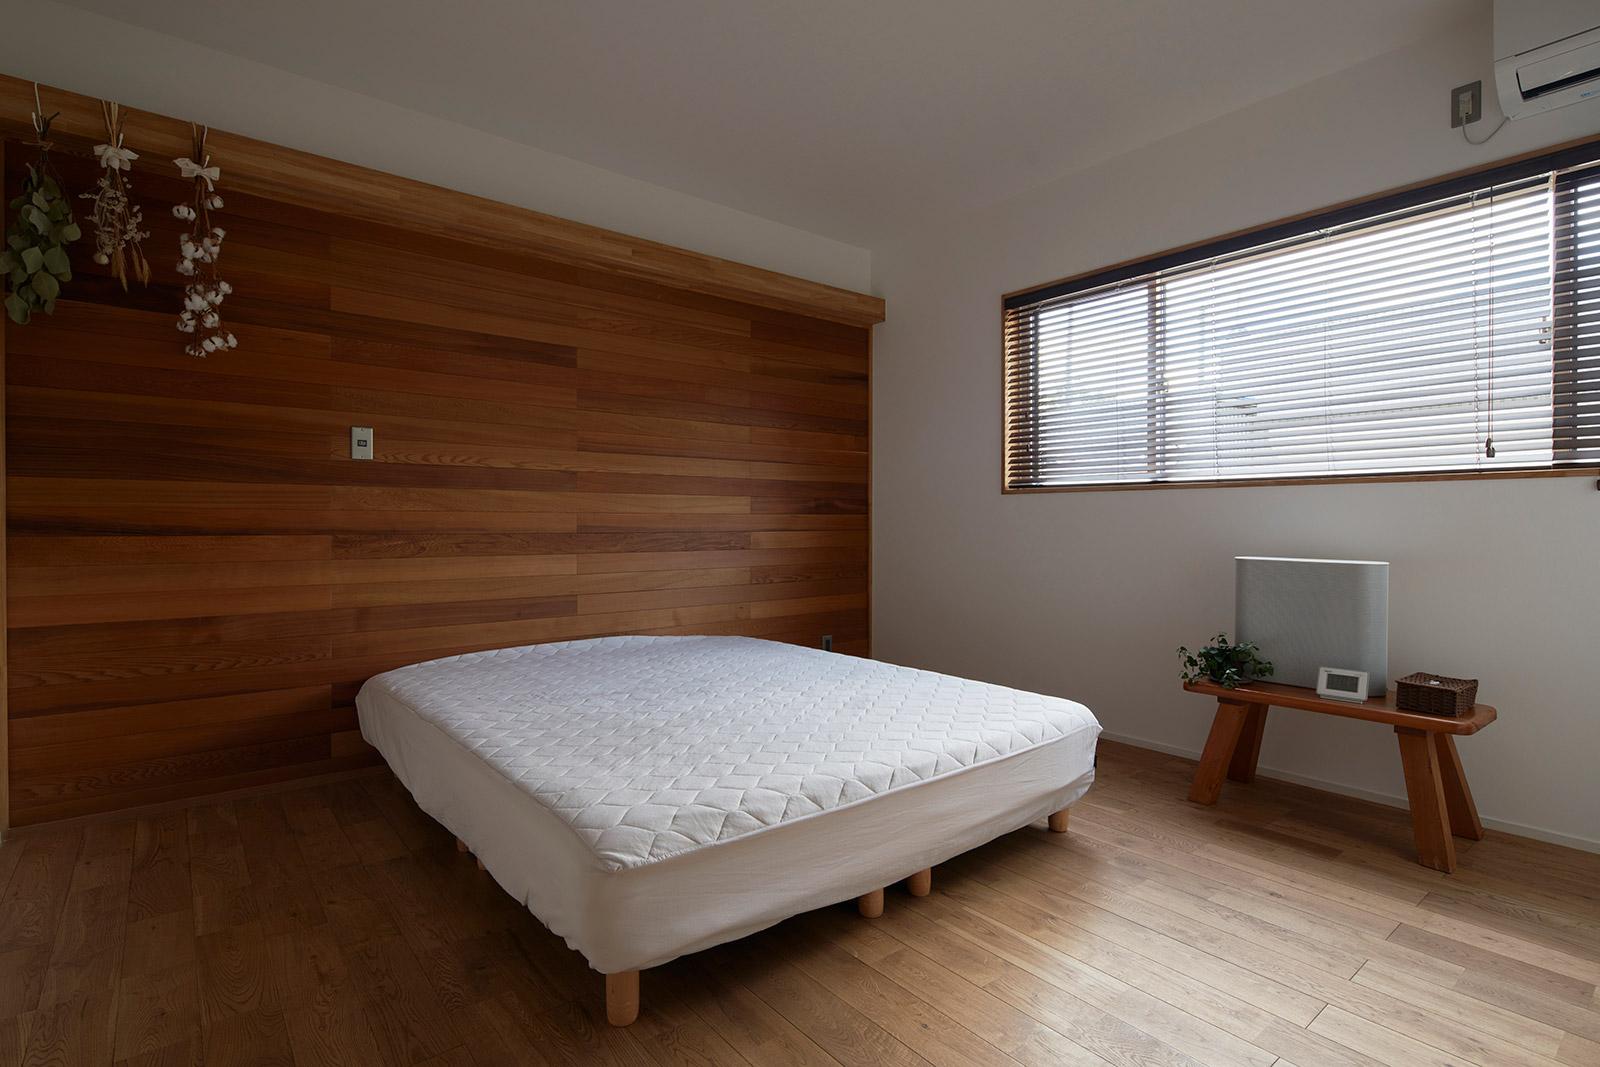 階段の上り下りが辛くなる数十年後を見据え、寝室は1階にレイアウト。壁一面のレッドシダーが温かみを醸す